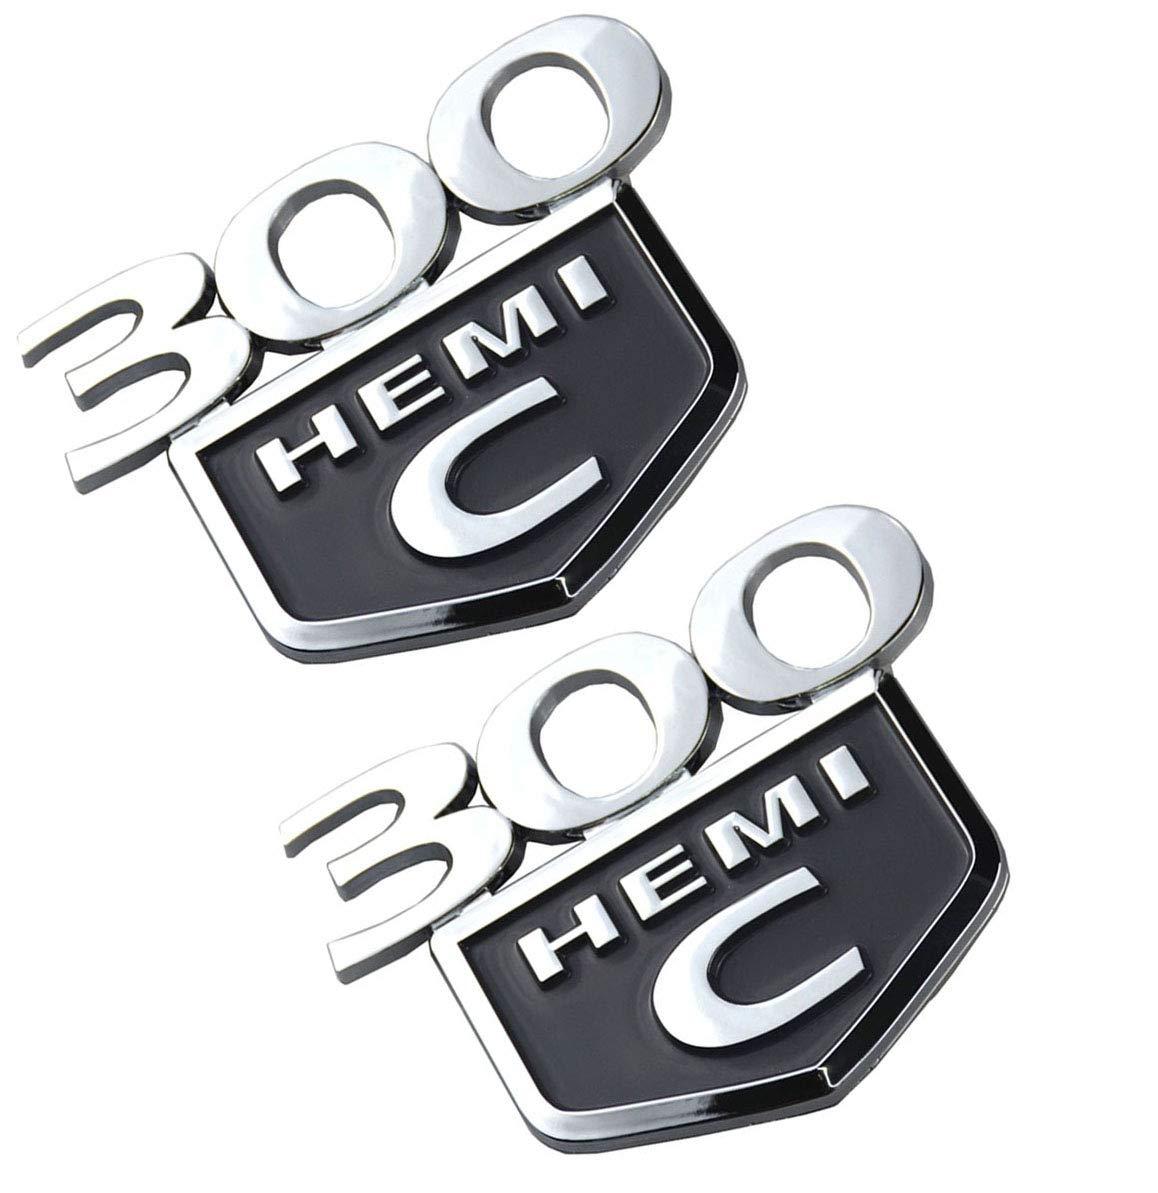 Rear Trunk Logo Lettering Emblem OEM For GM Chevrolet Cruze 2009+